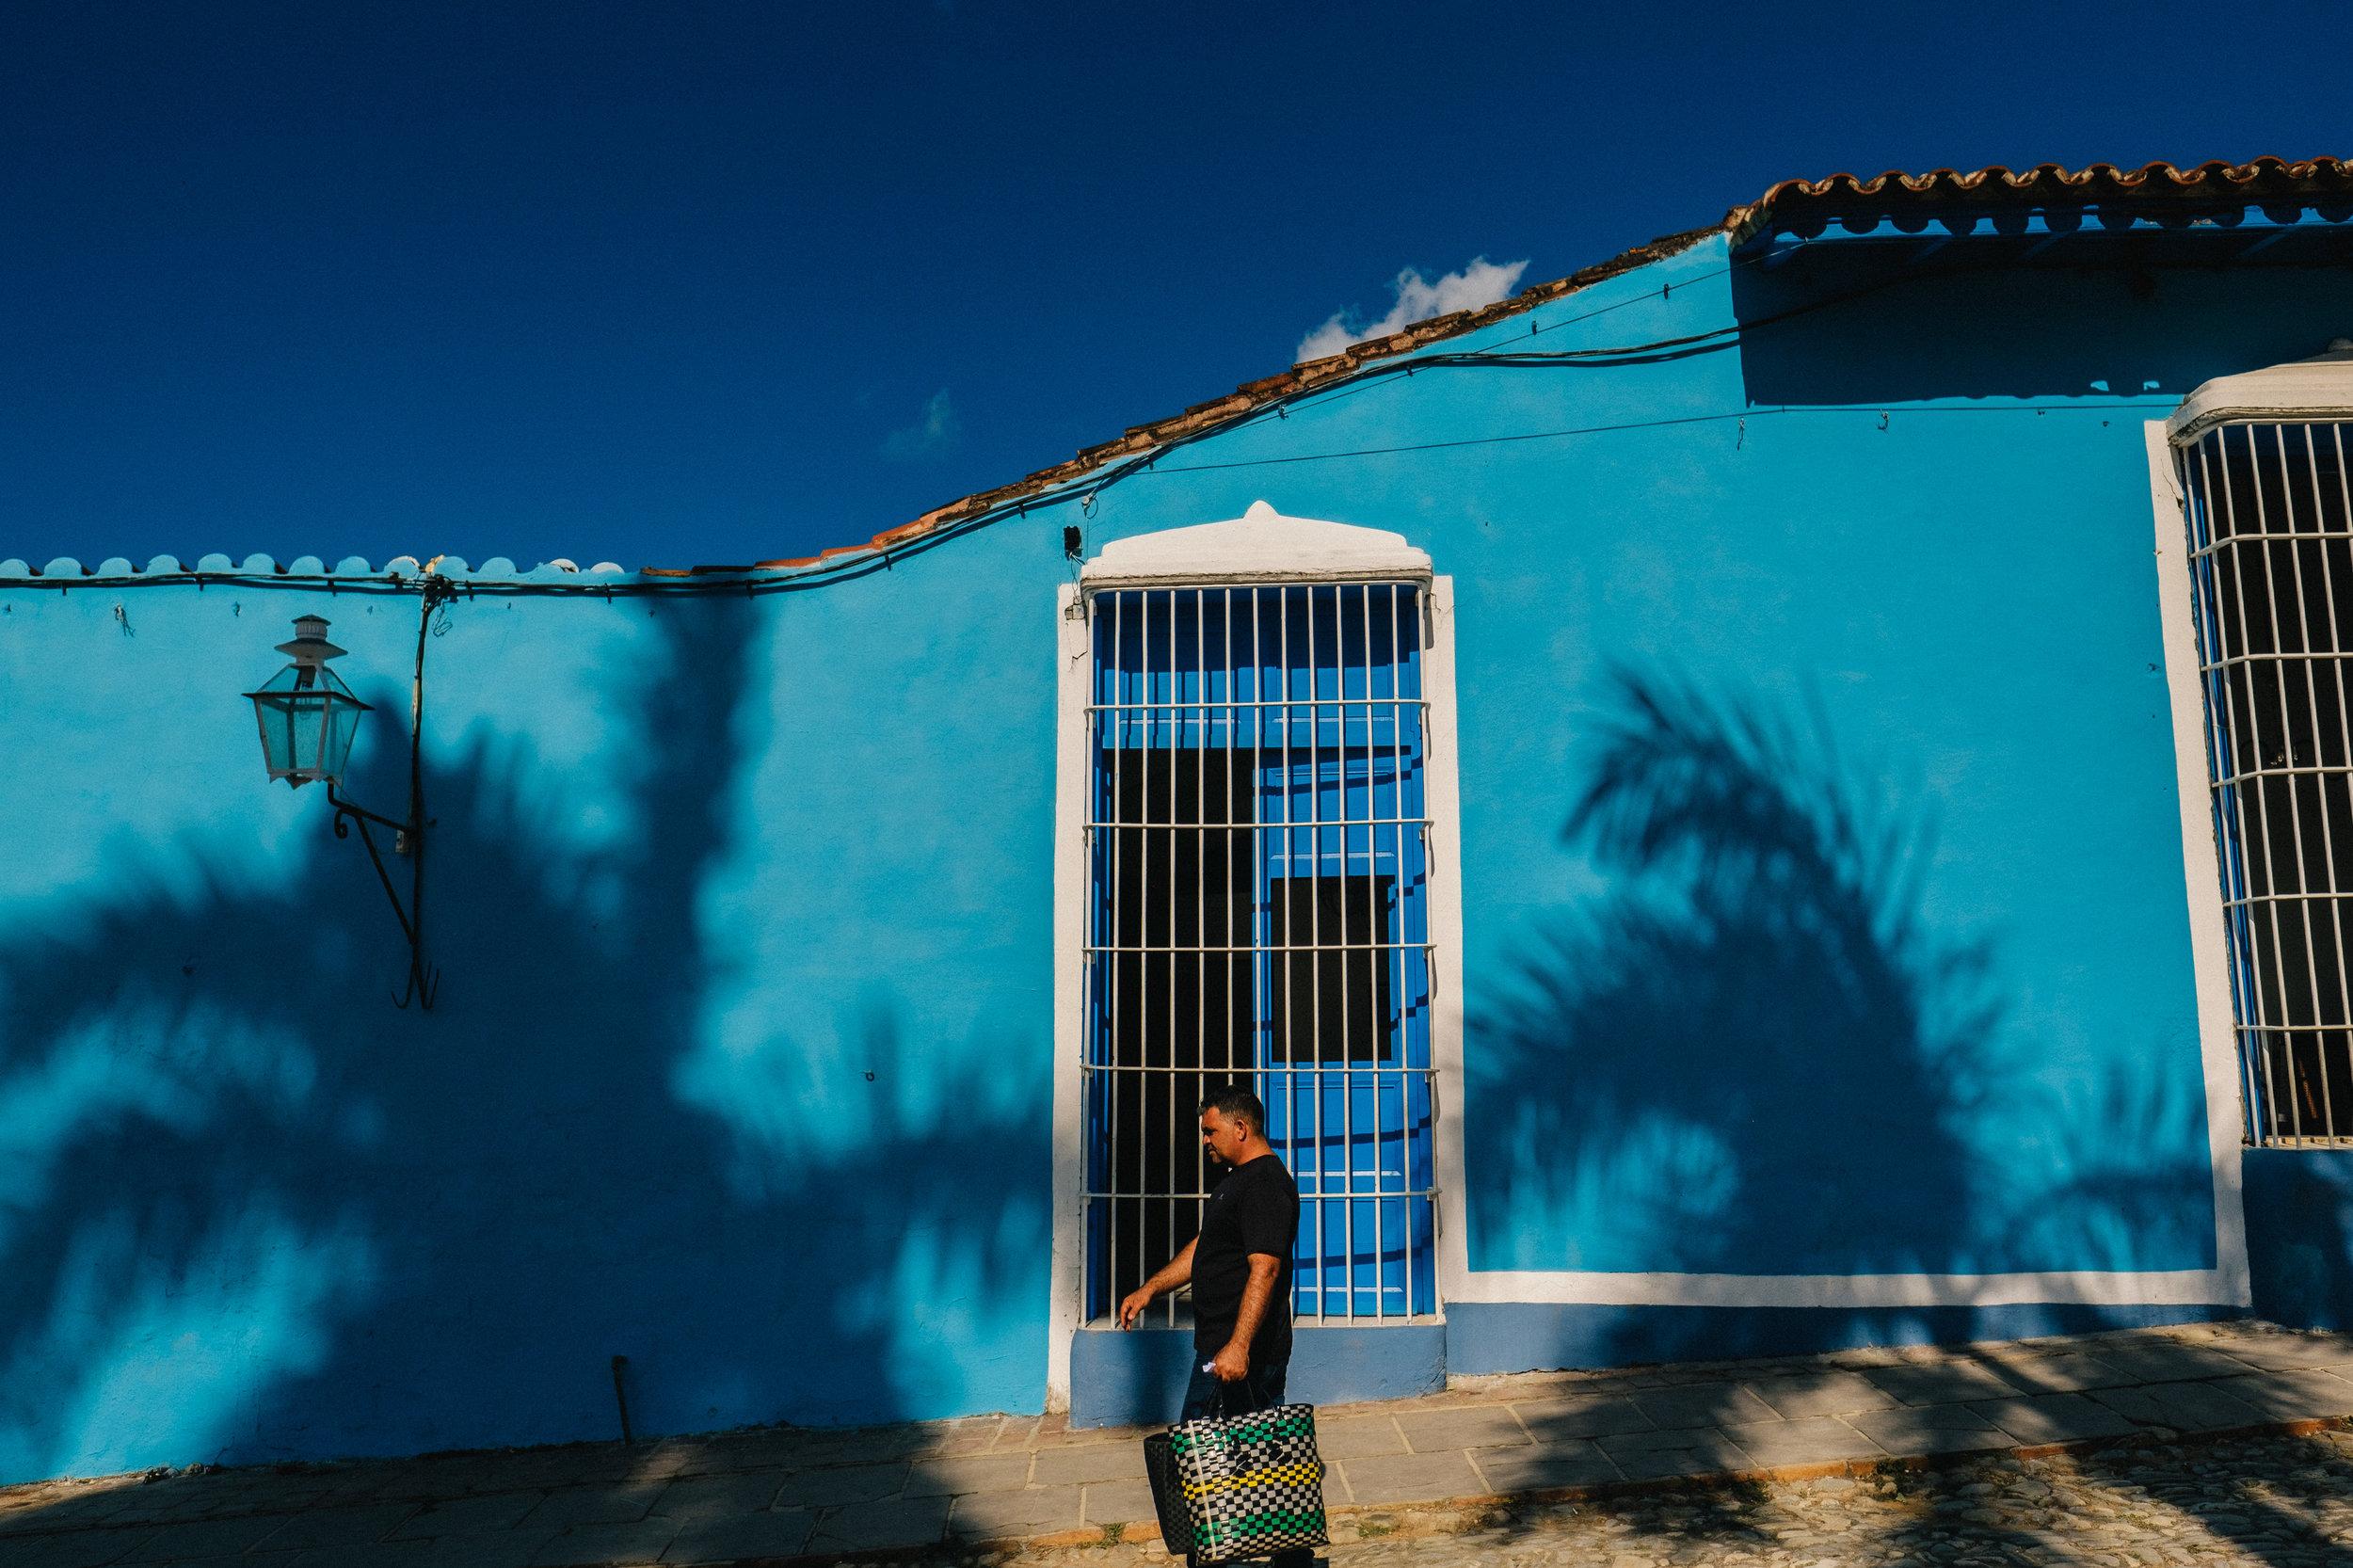 Cuba2019-371.jpg